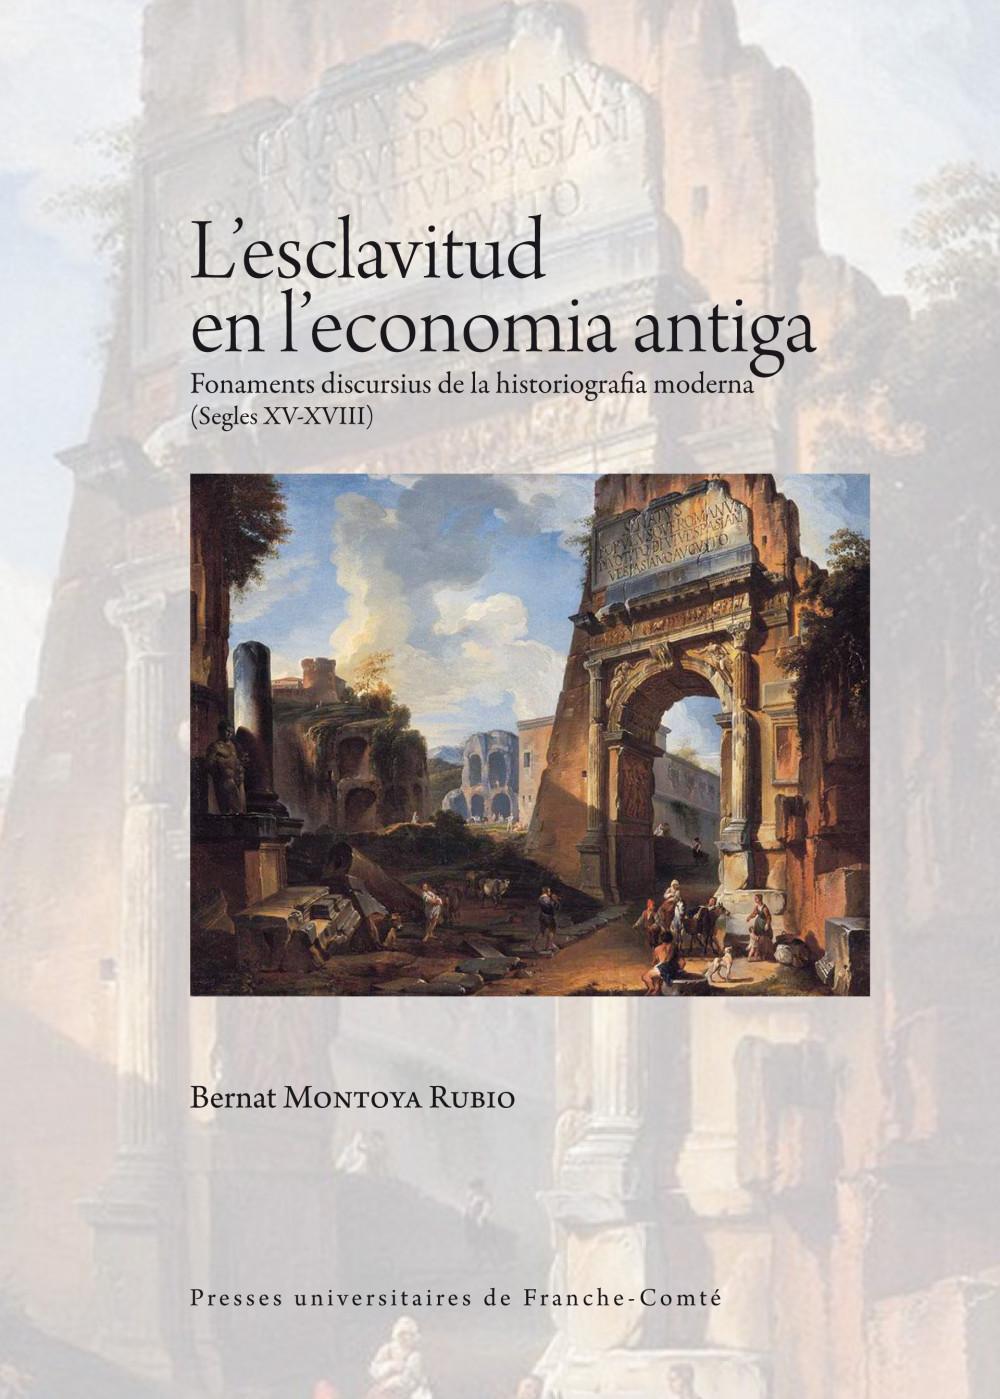 L'esclavitud en l'economia antiga